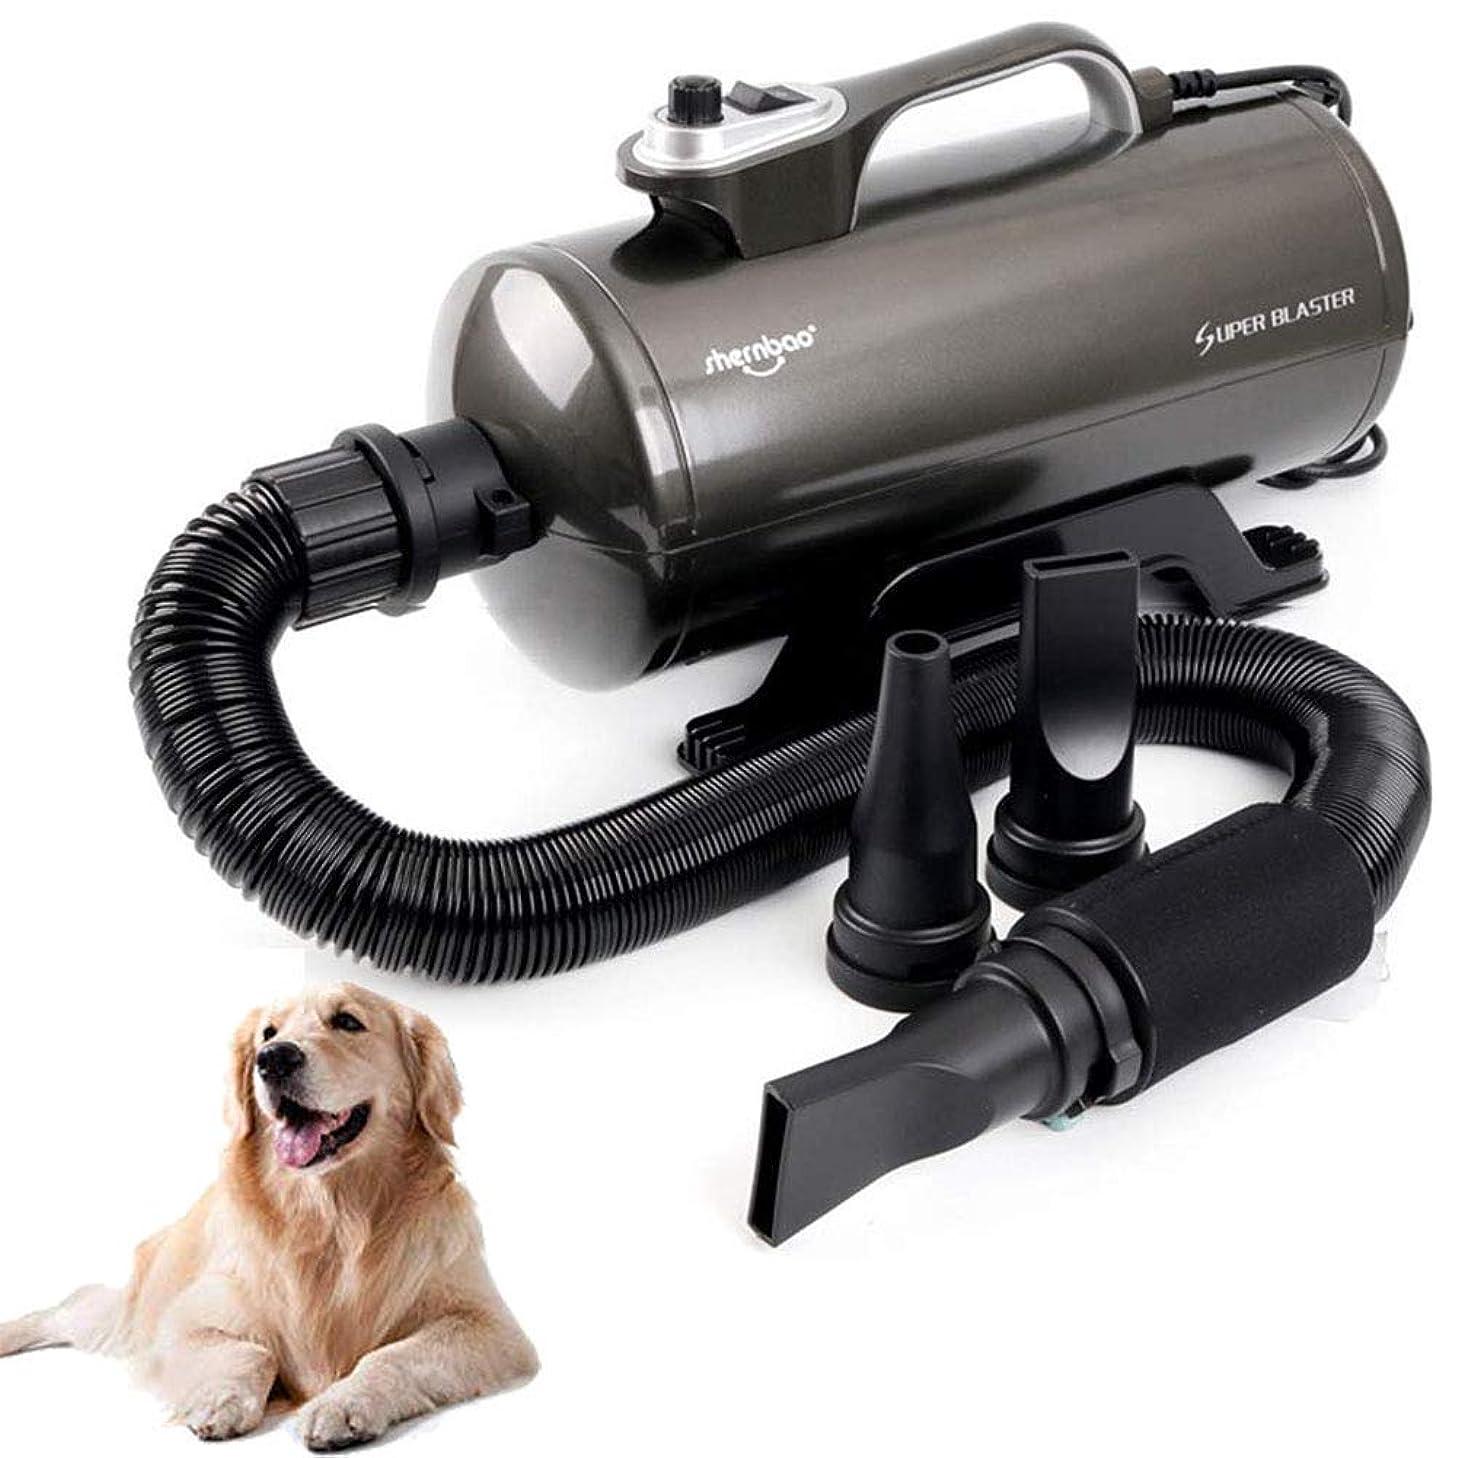 構造試み高潔な温度および3Mの適用範囲が広いホースが付いている犬の手入れをするヘアードライヤーのための2200Wブラスターのドライヤー